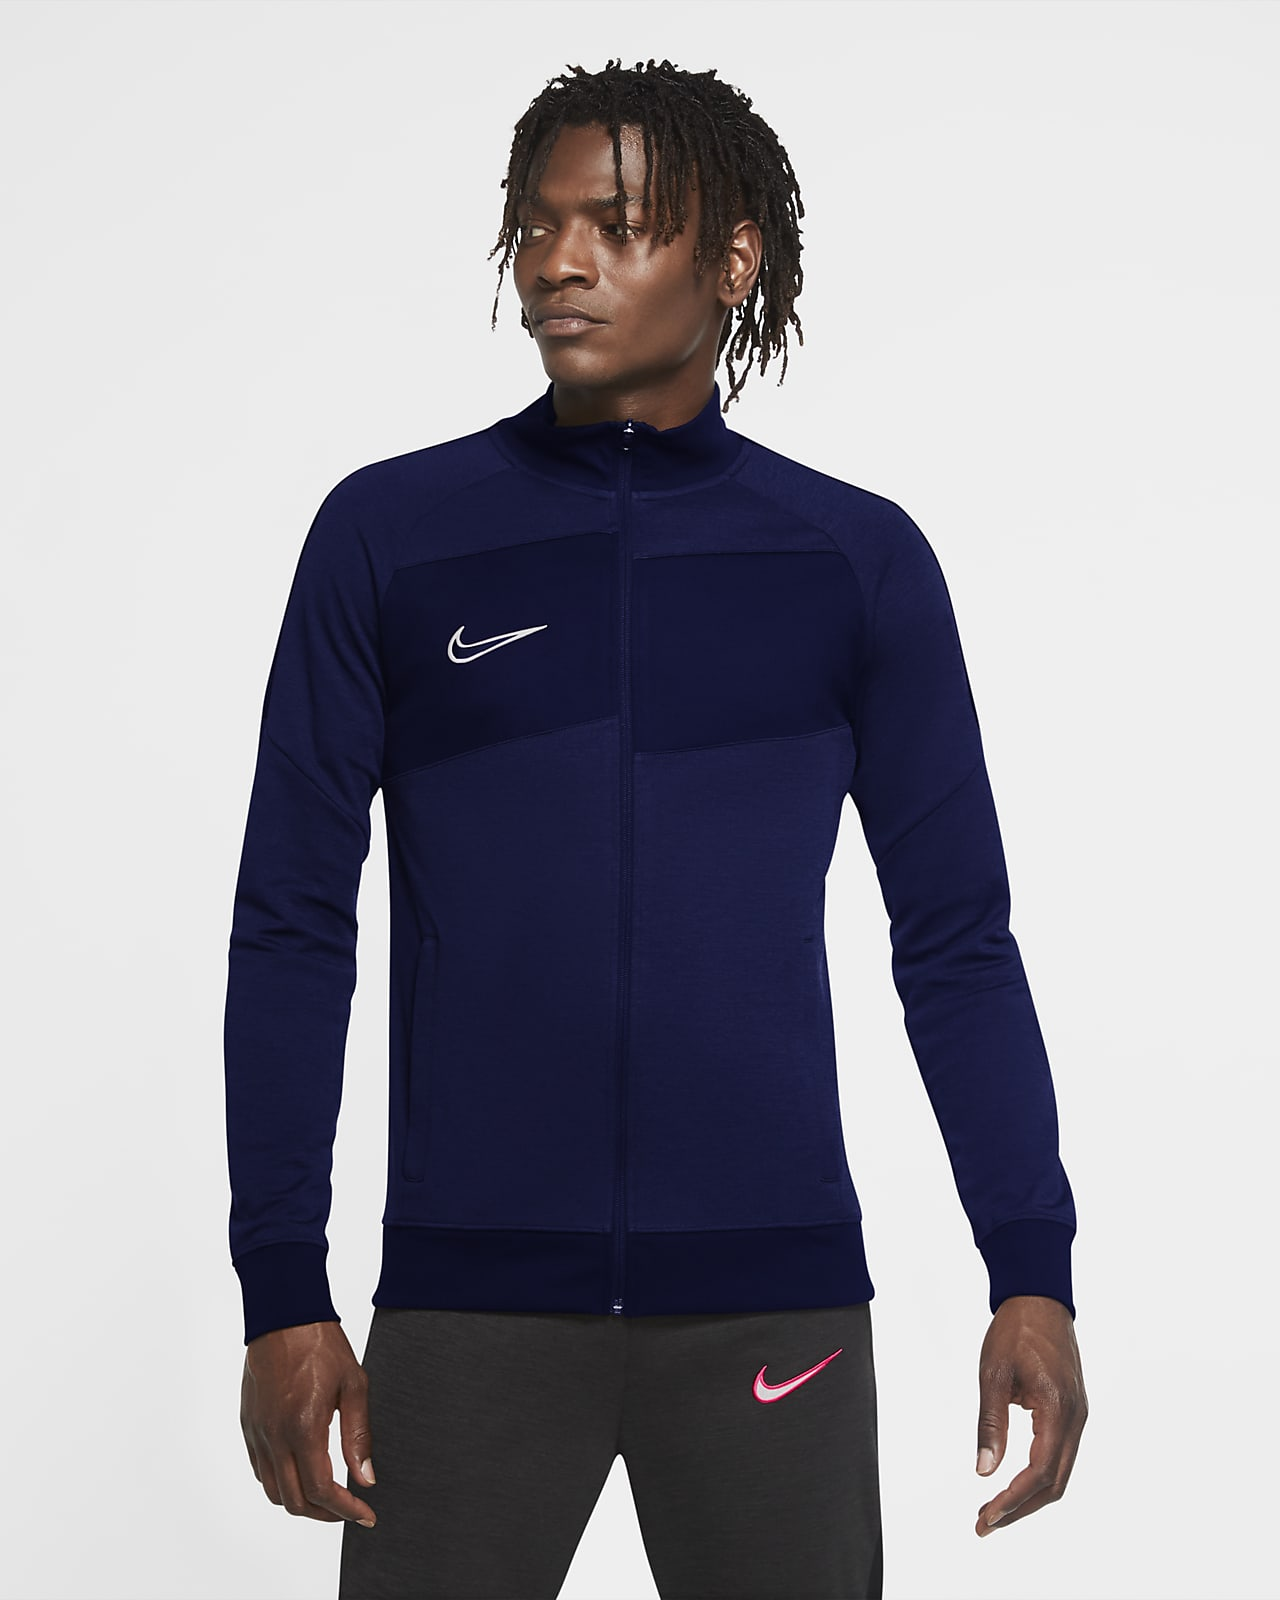 Ανδρικό πλεκτό ποδοσφαιρικό τζάκετ φόρμας Nike Dri-FIT Academy